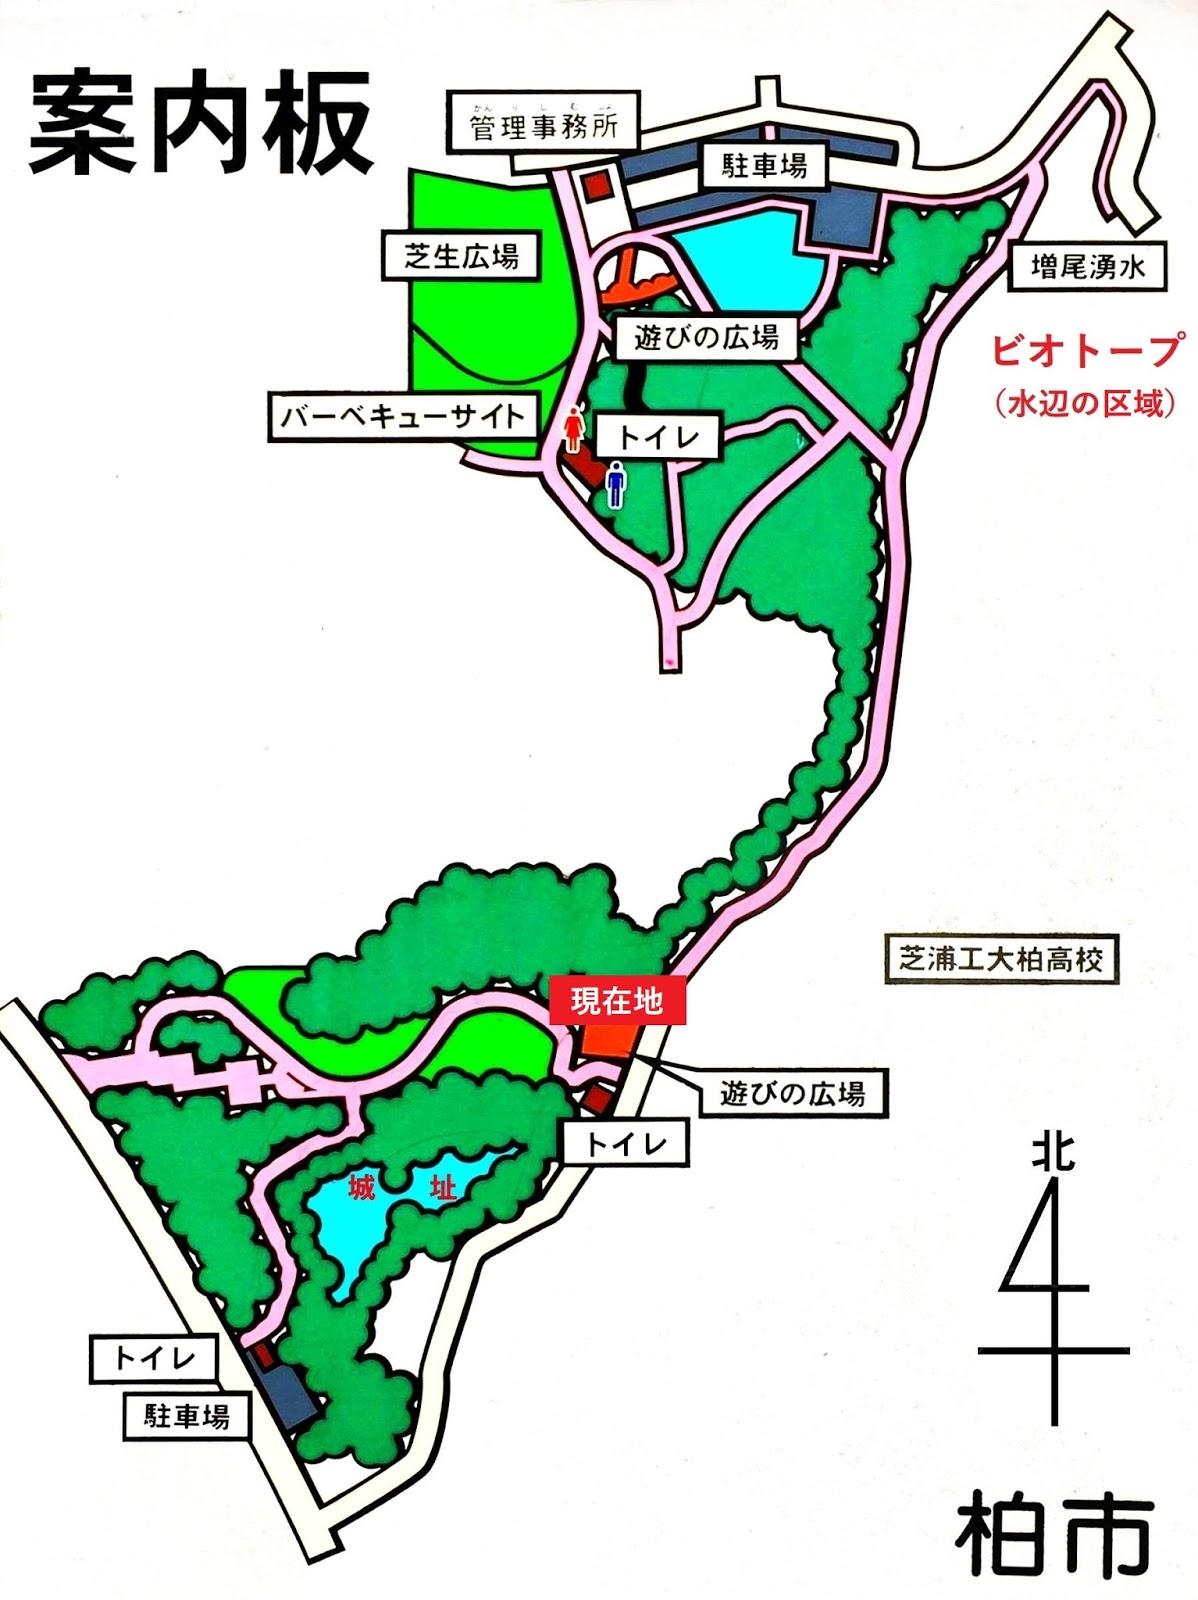 増尾 城址 公園